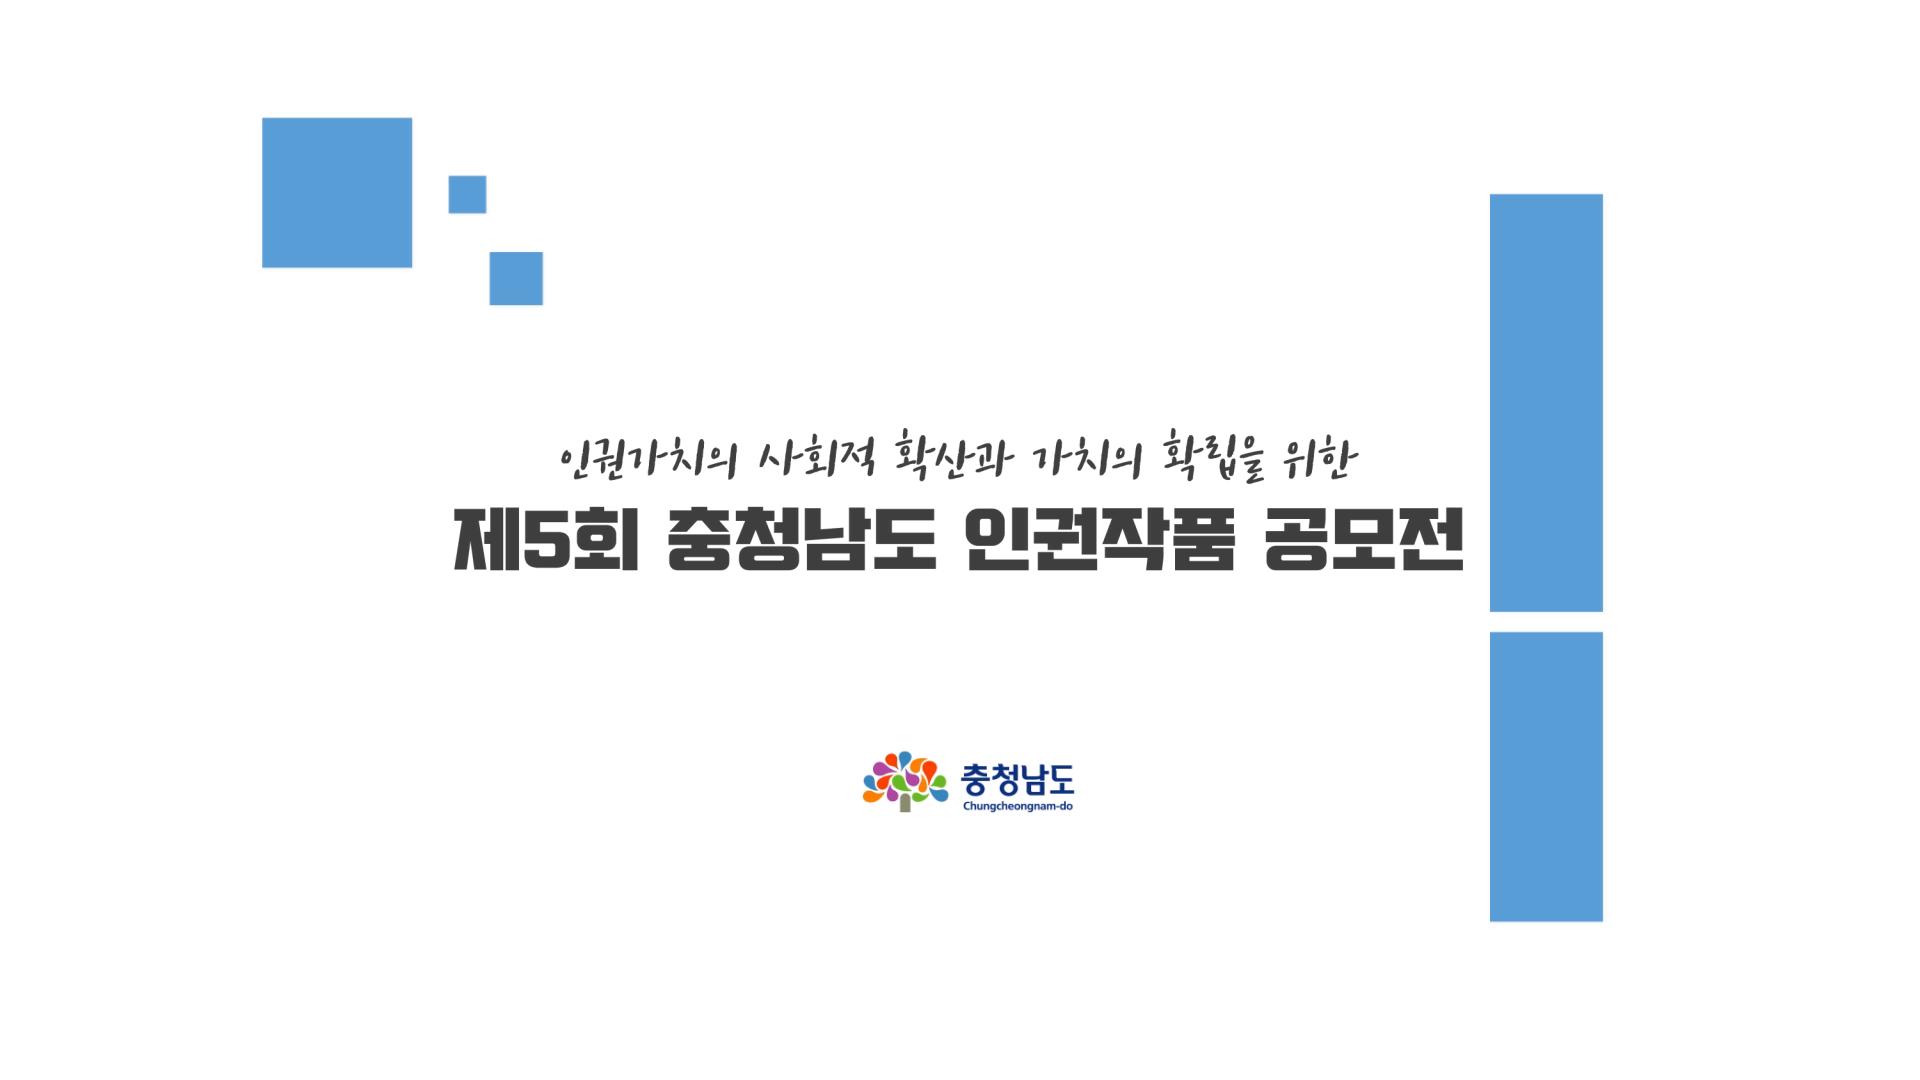 [2020 충청남도 인권작품 공모전] 수상작 소개영상